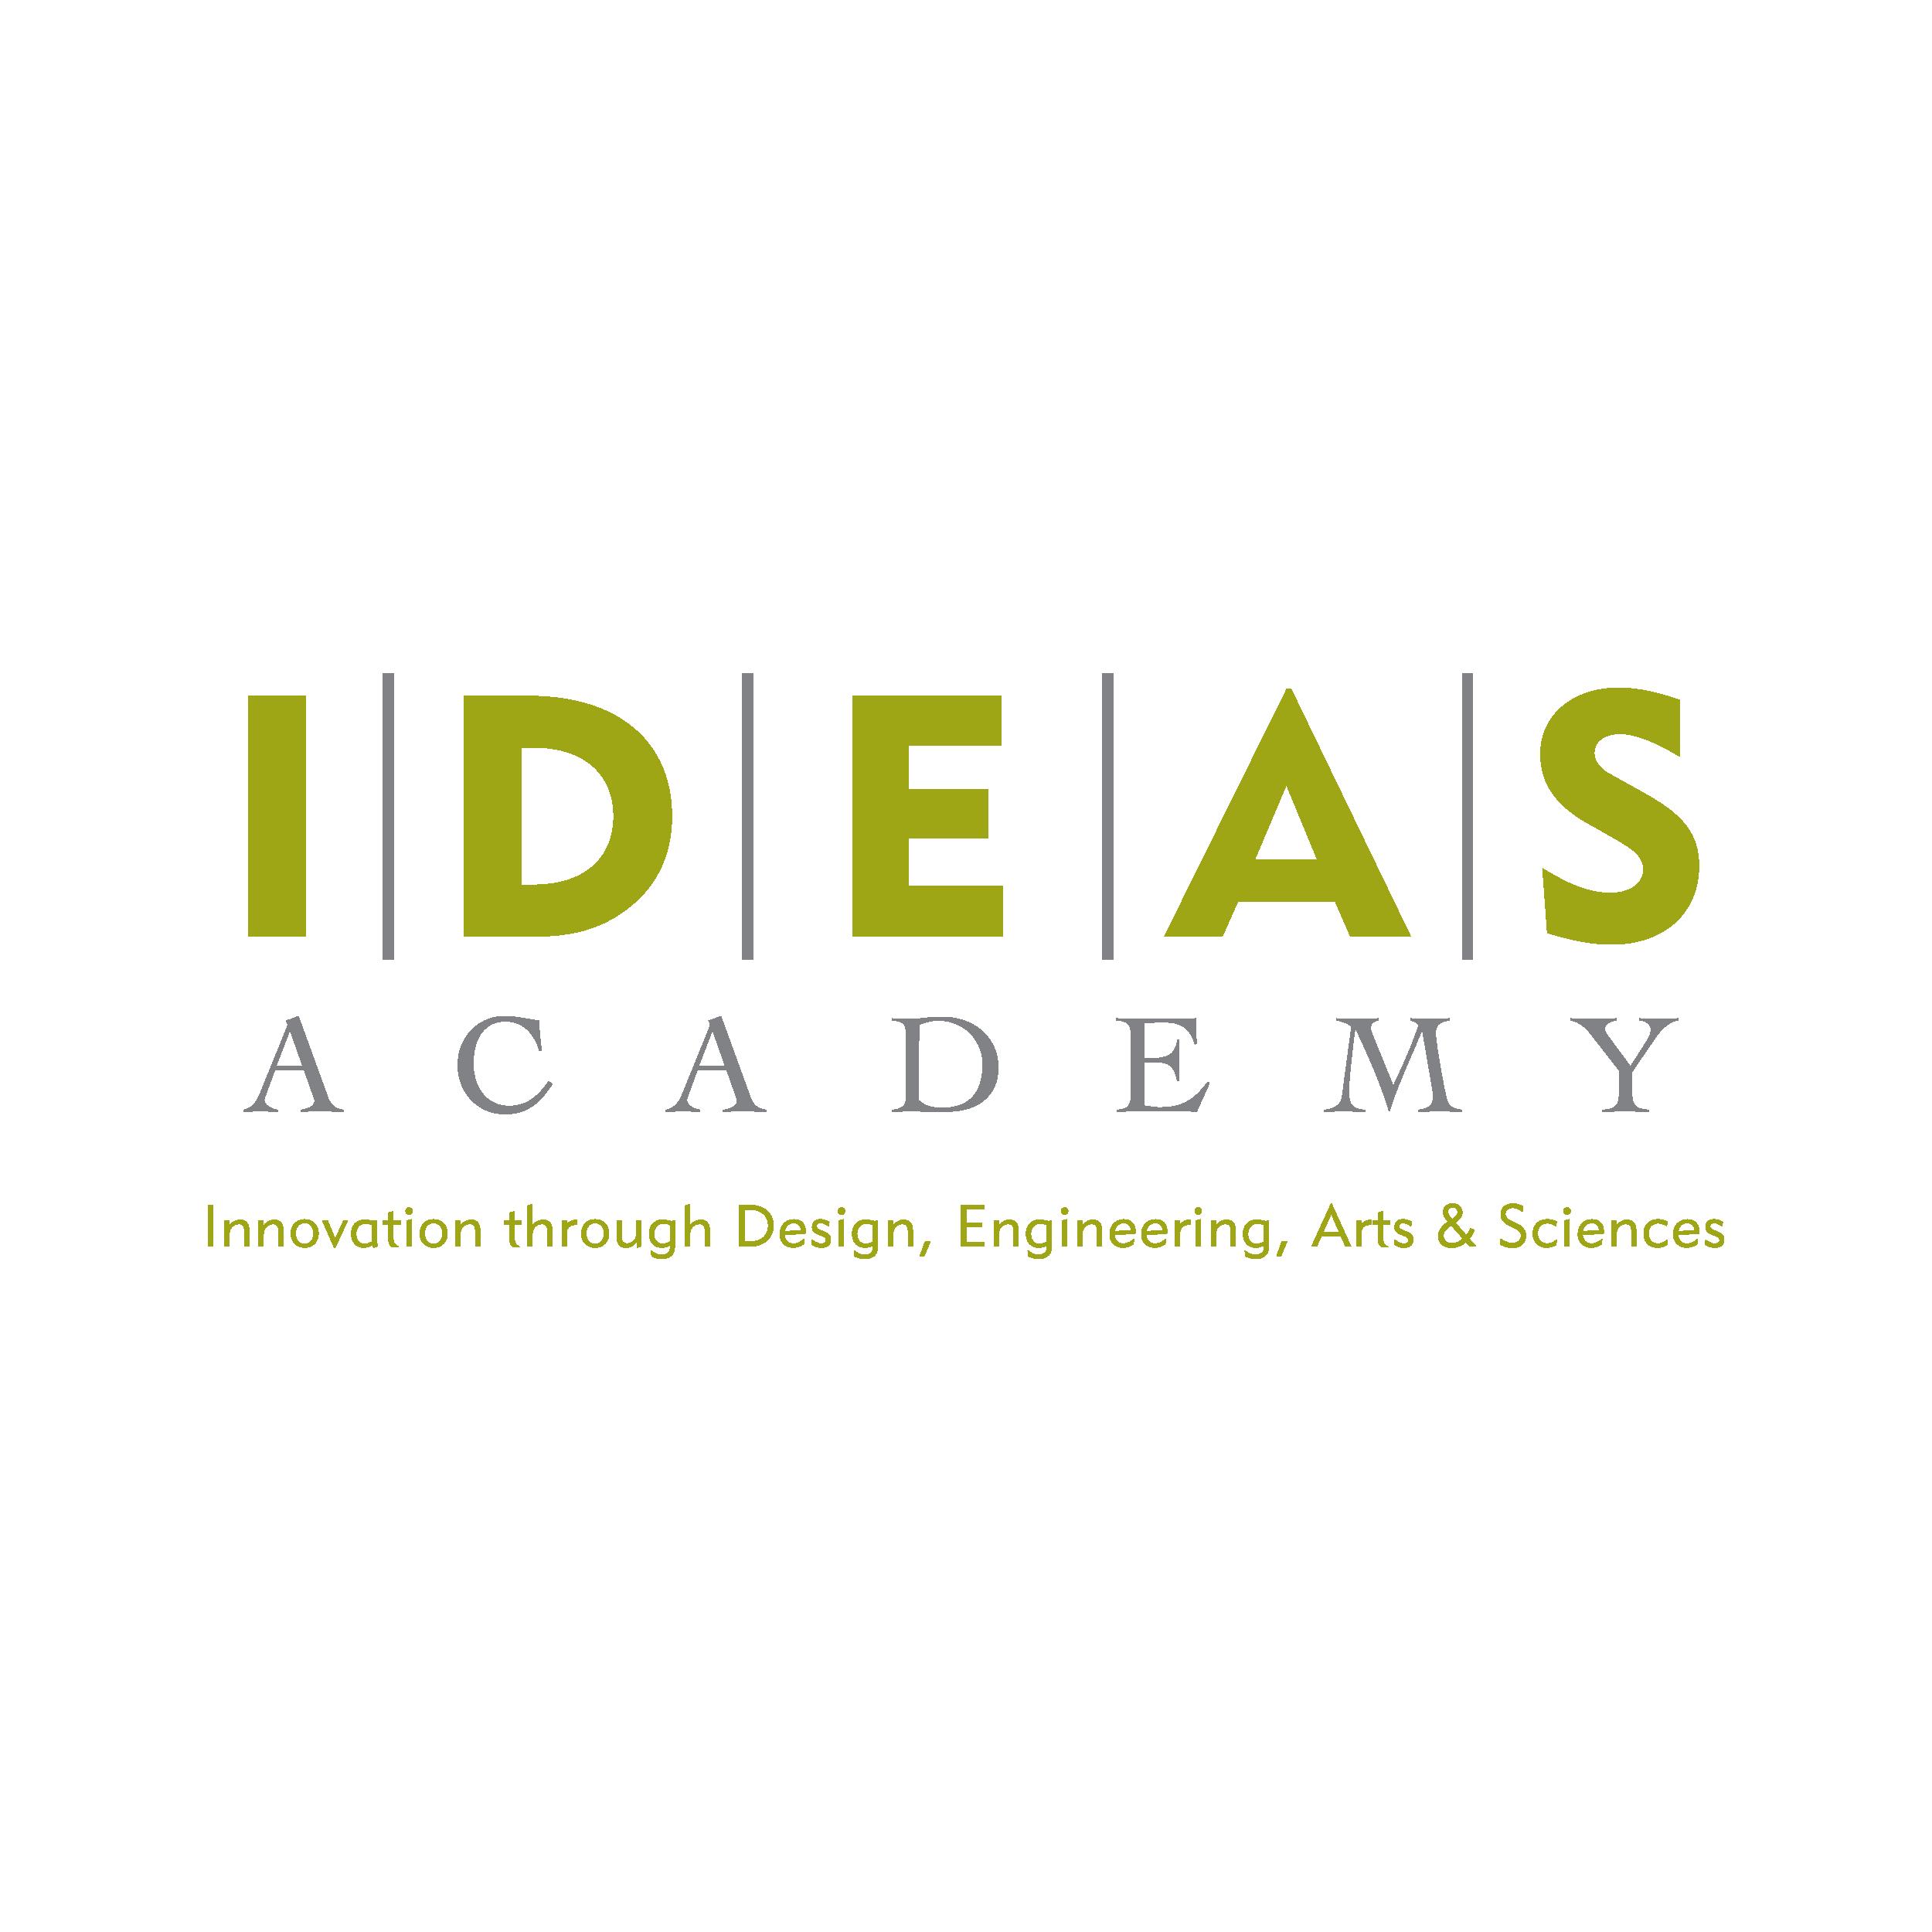 IDEAS Academy